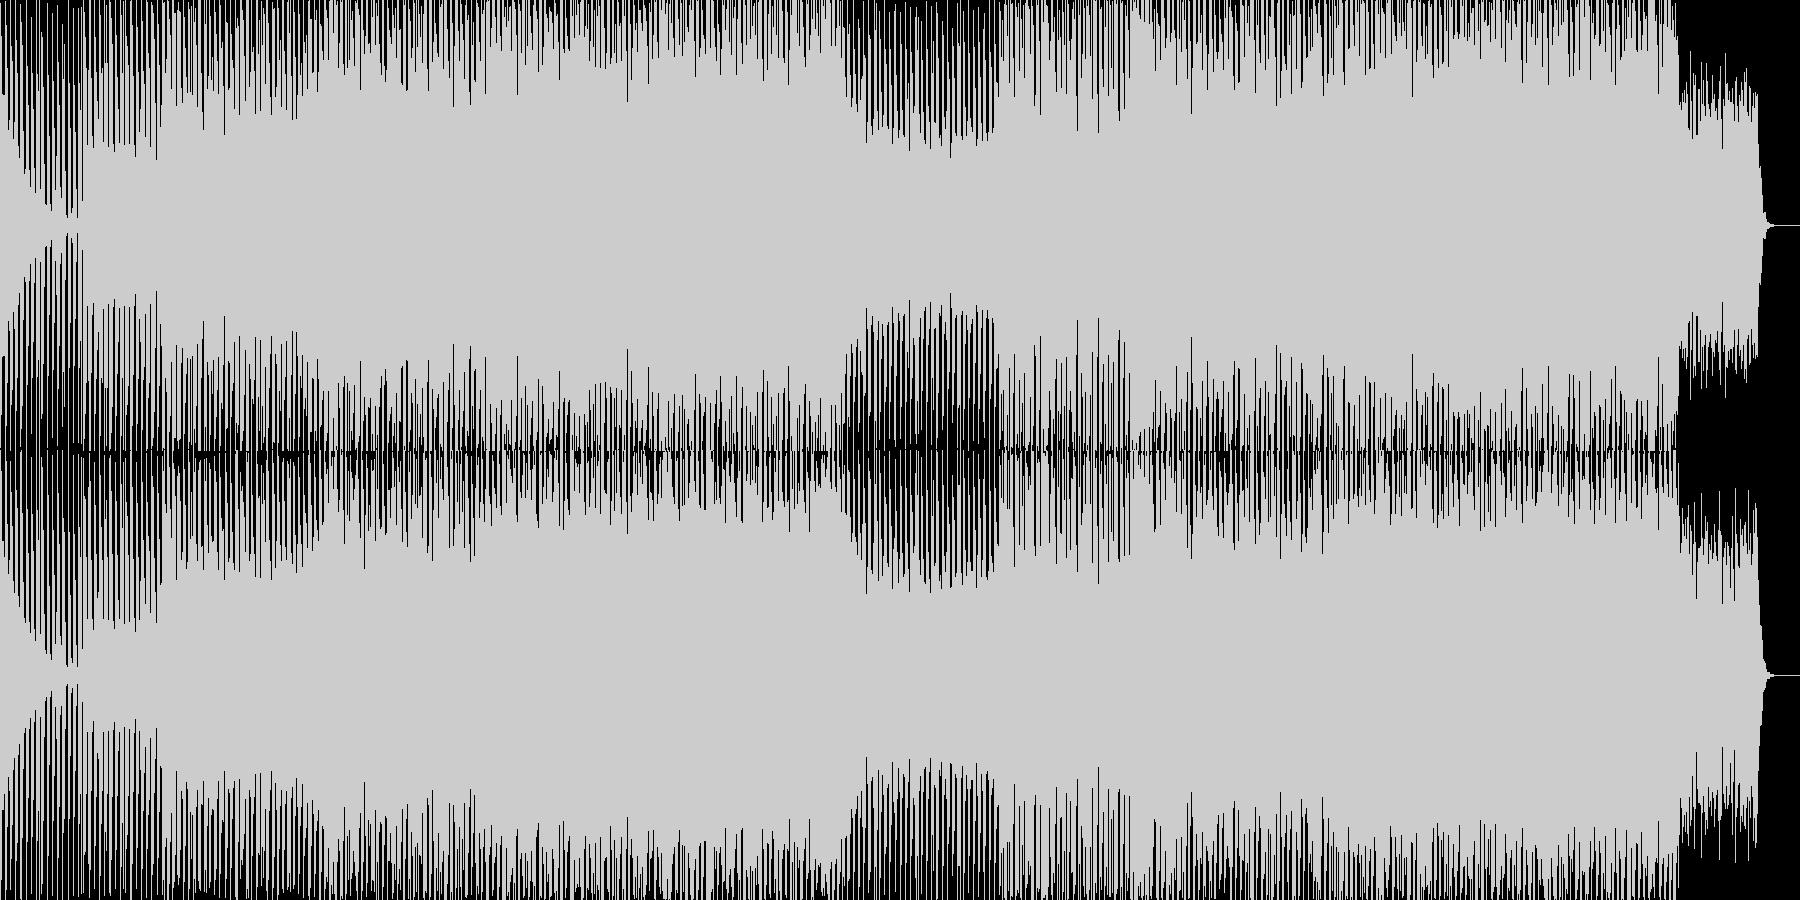 EDMクラブ系ダンスミュージック-76の未再生の波形